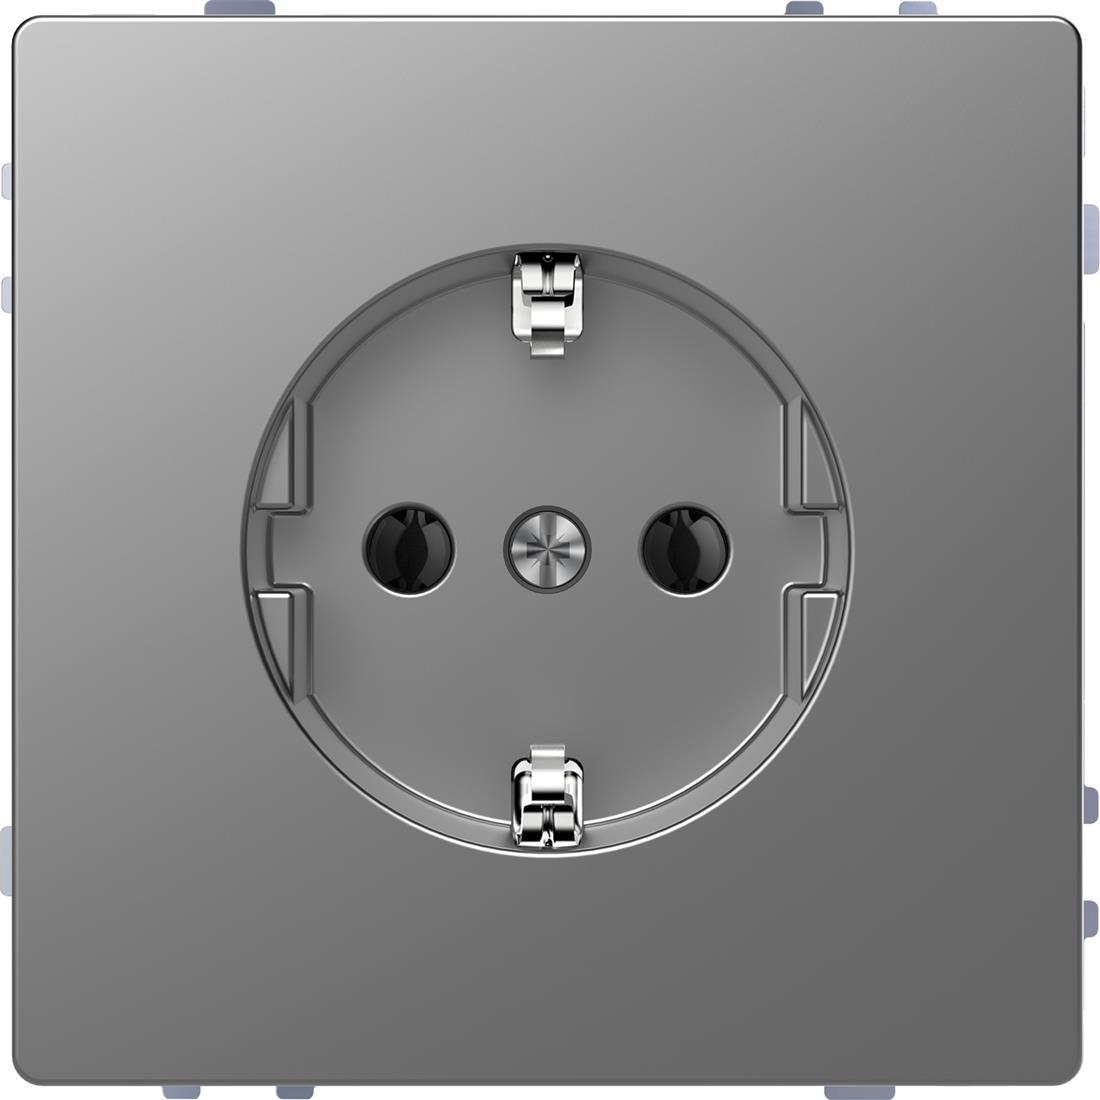 Schneider-Merten D Life wandcontactdoos met steekklemmen - RVS look (MTN2301-6036)